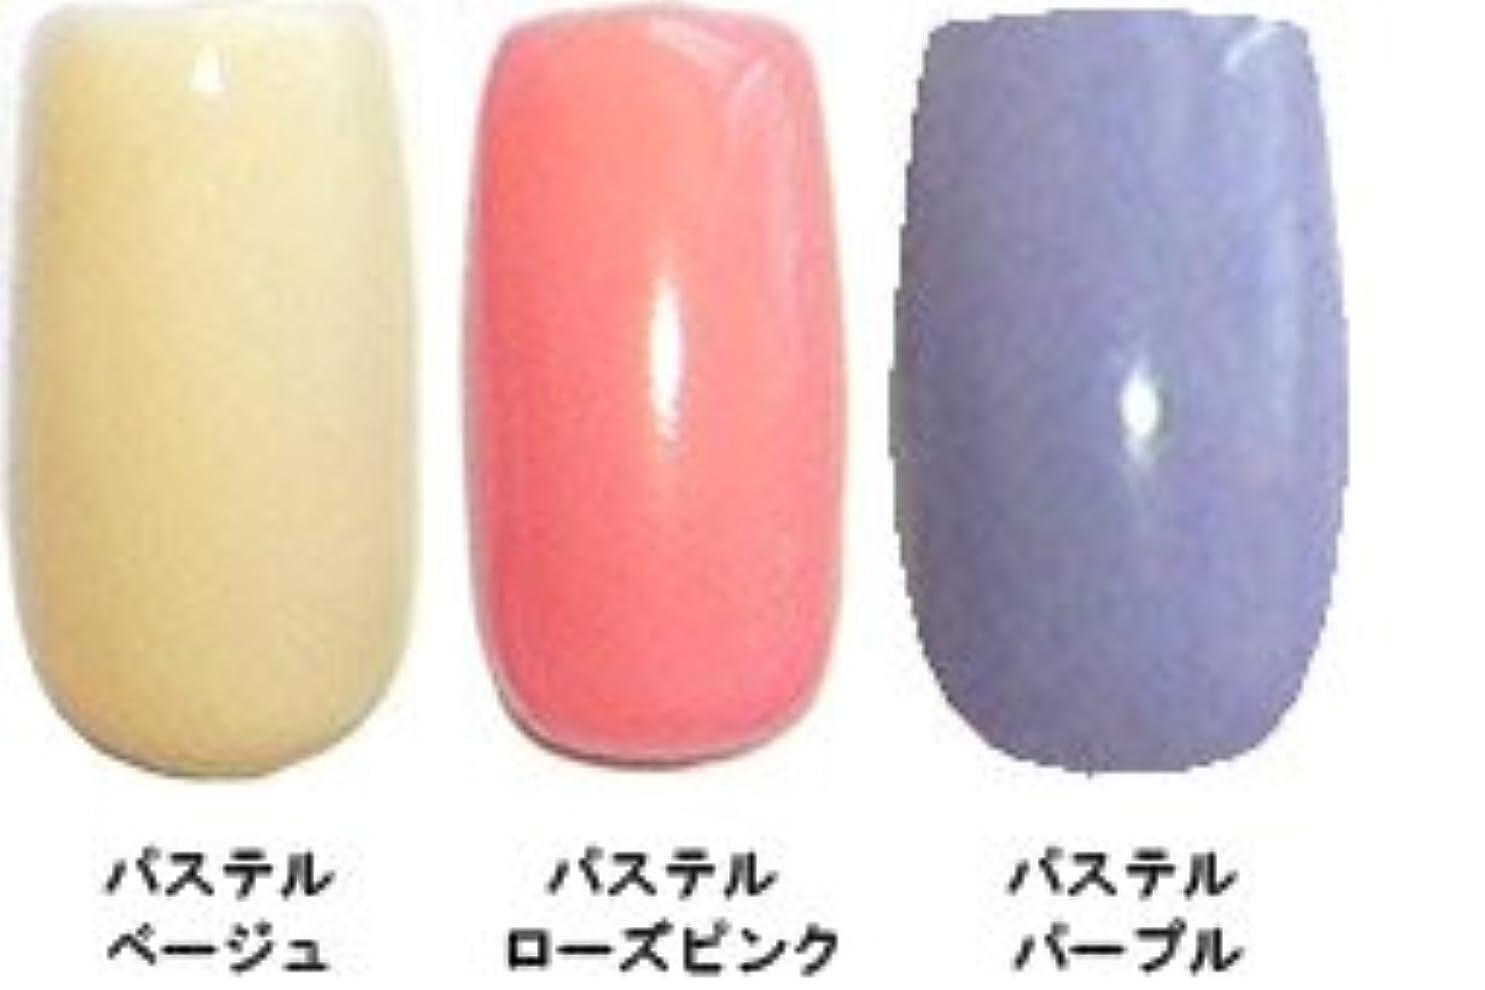 紫の細断キラウエア山MELTY GEL(メルティージェル)3g パステル 3色??? ベージュ?ローズピンク?パープル